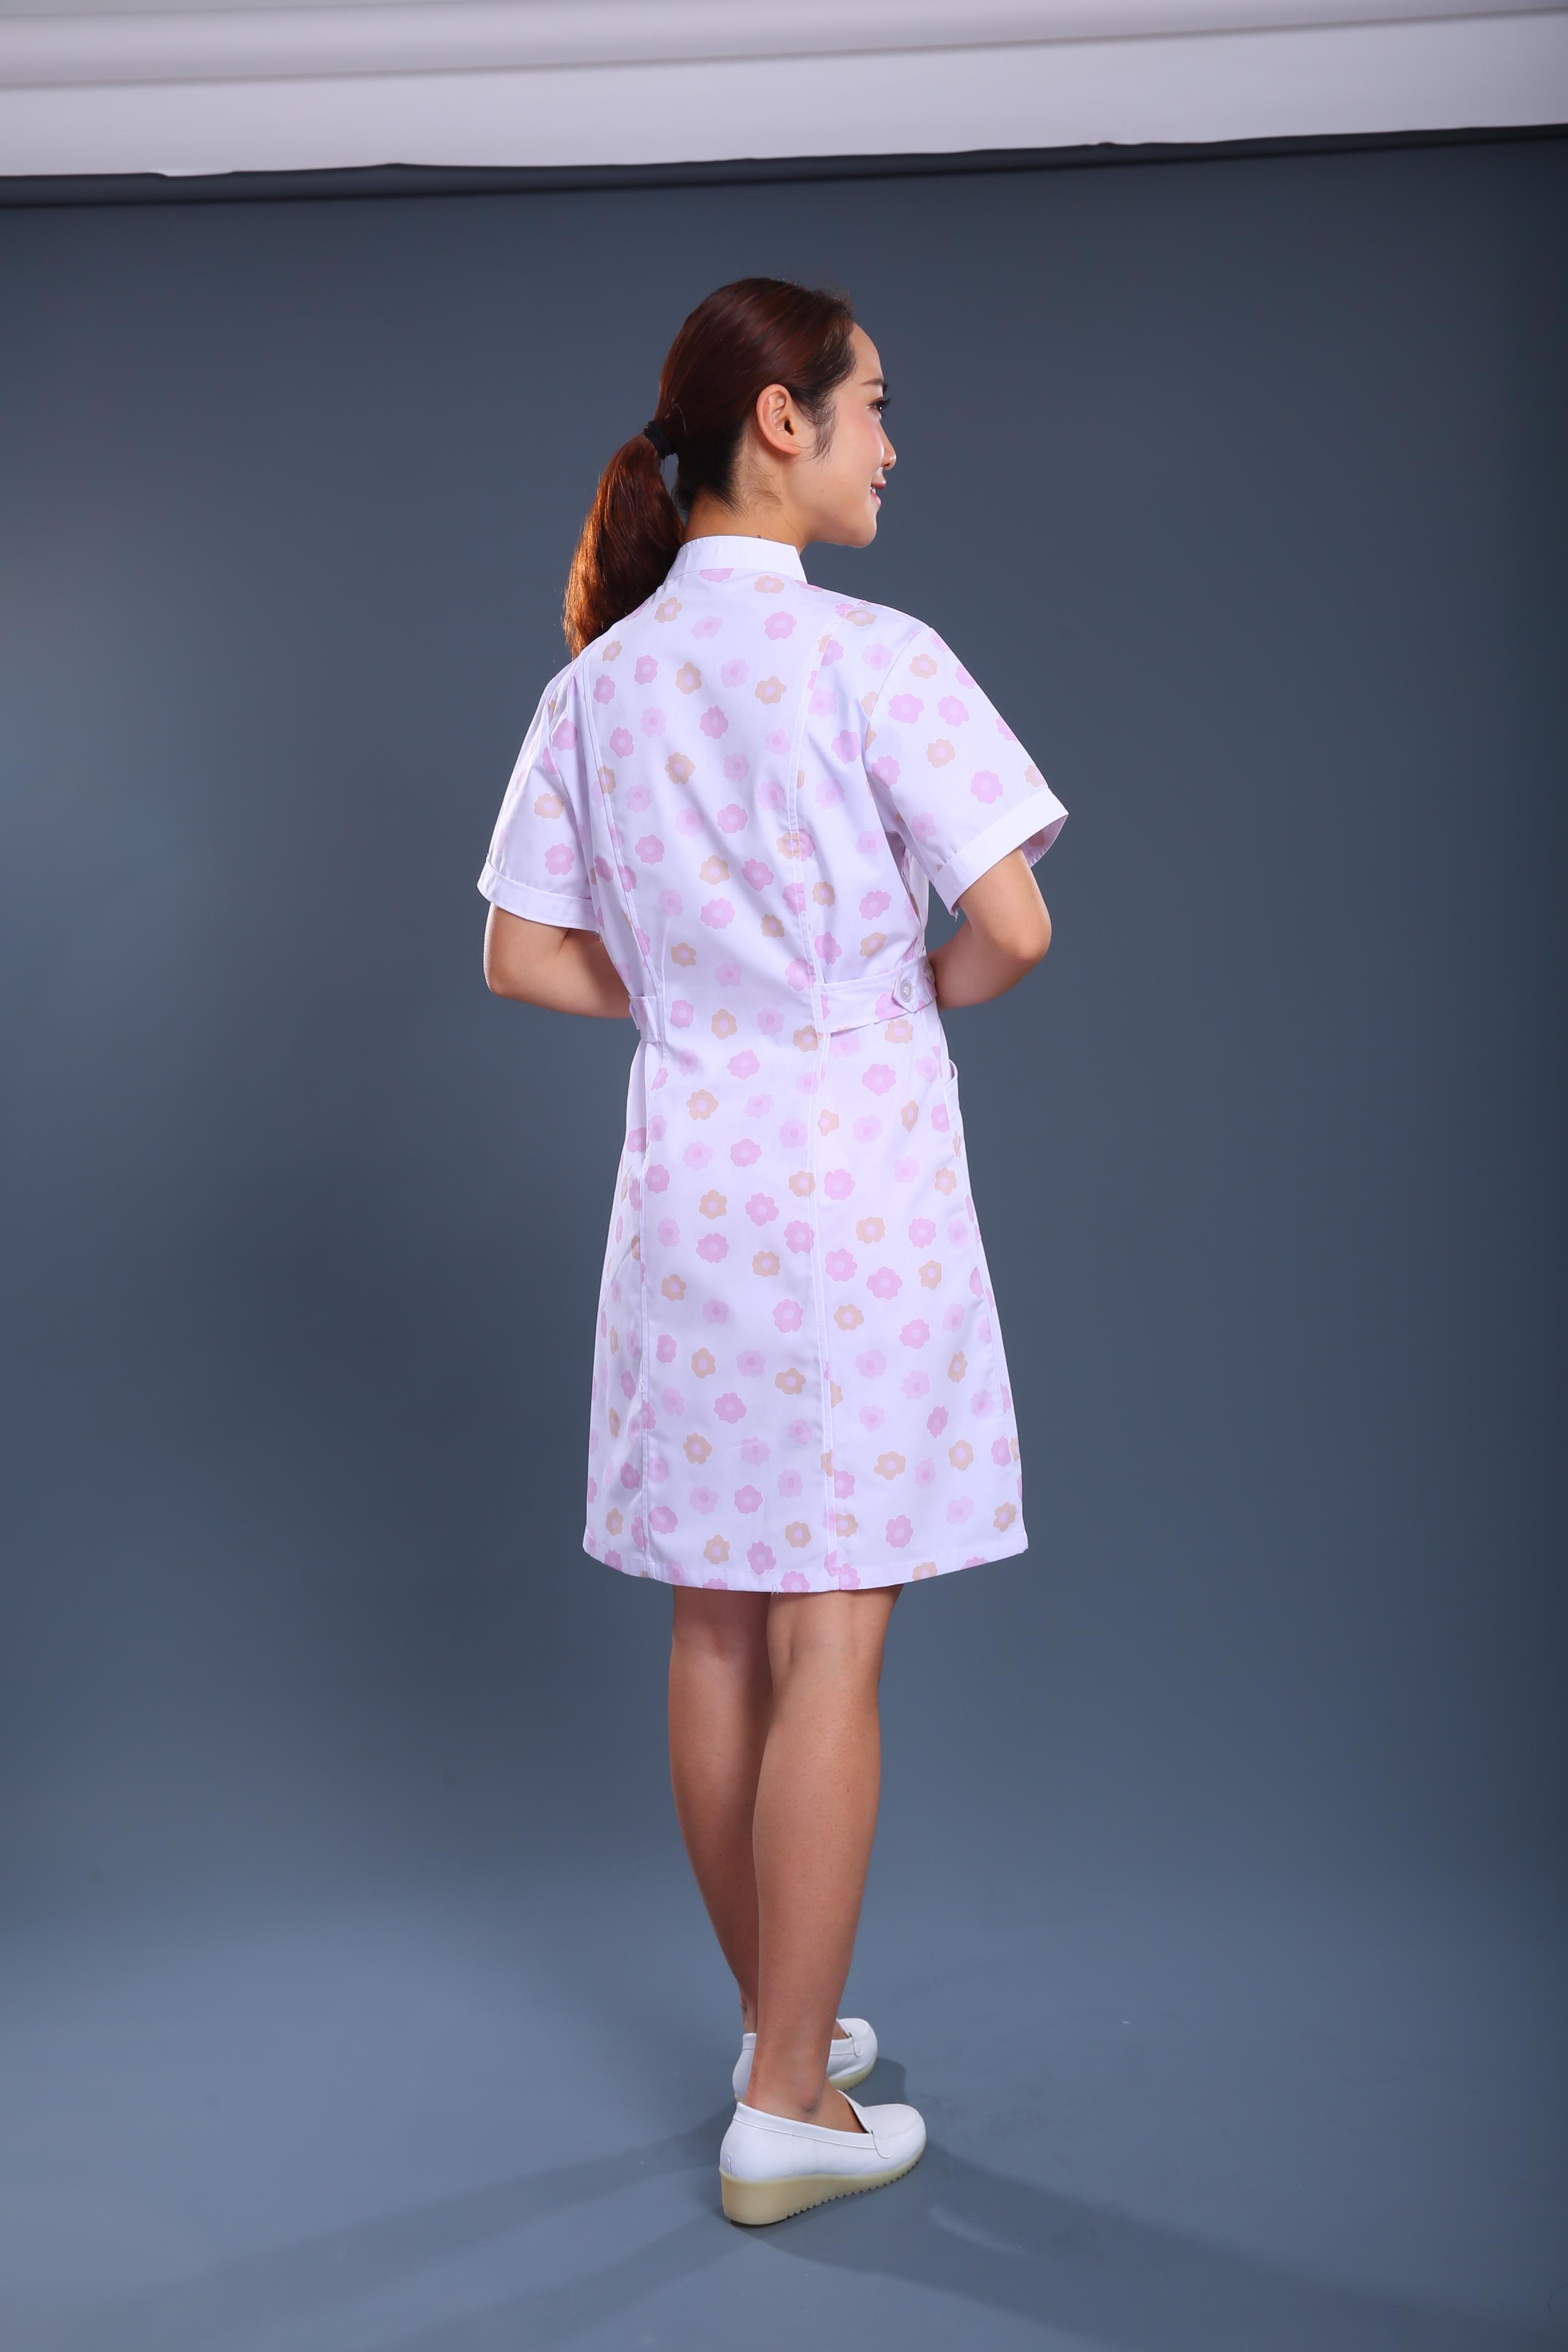 印花护士制服